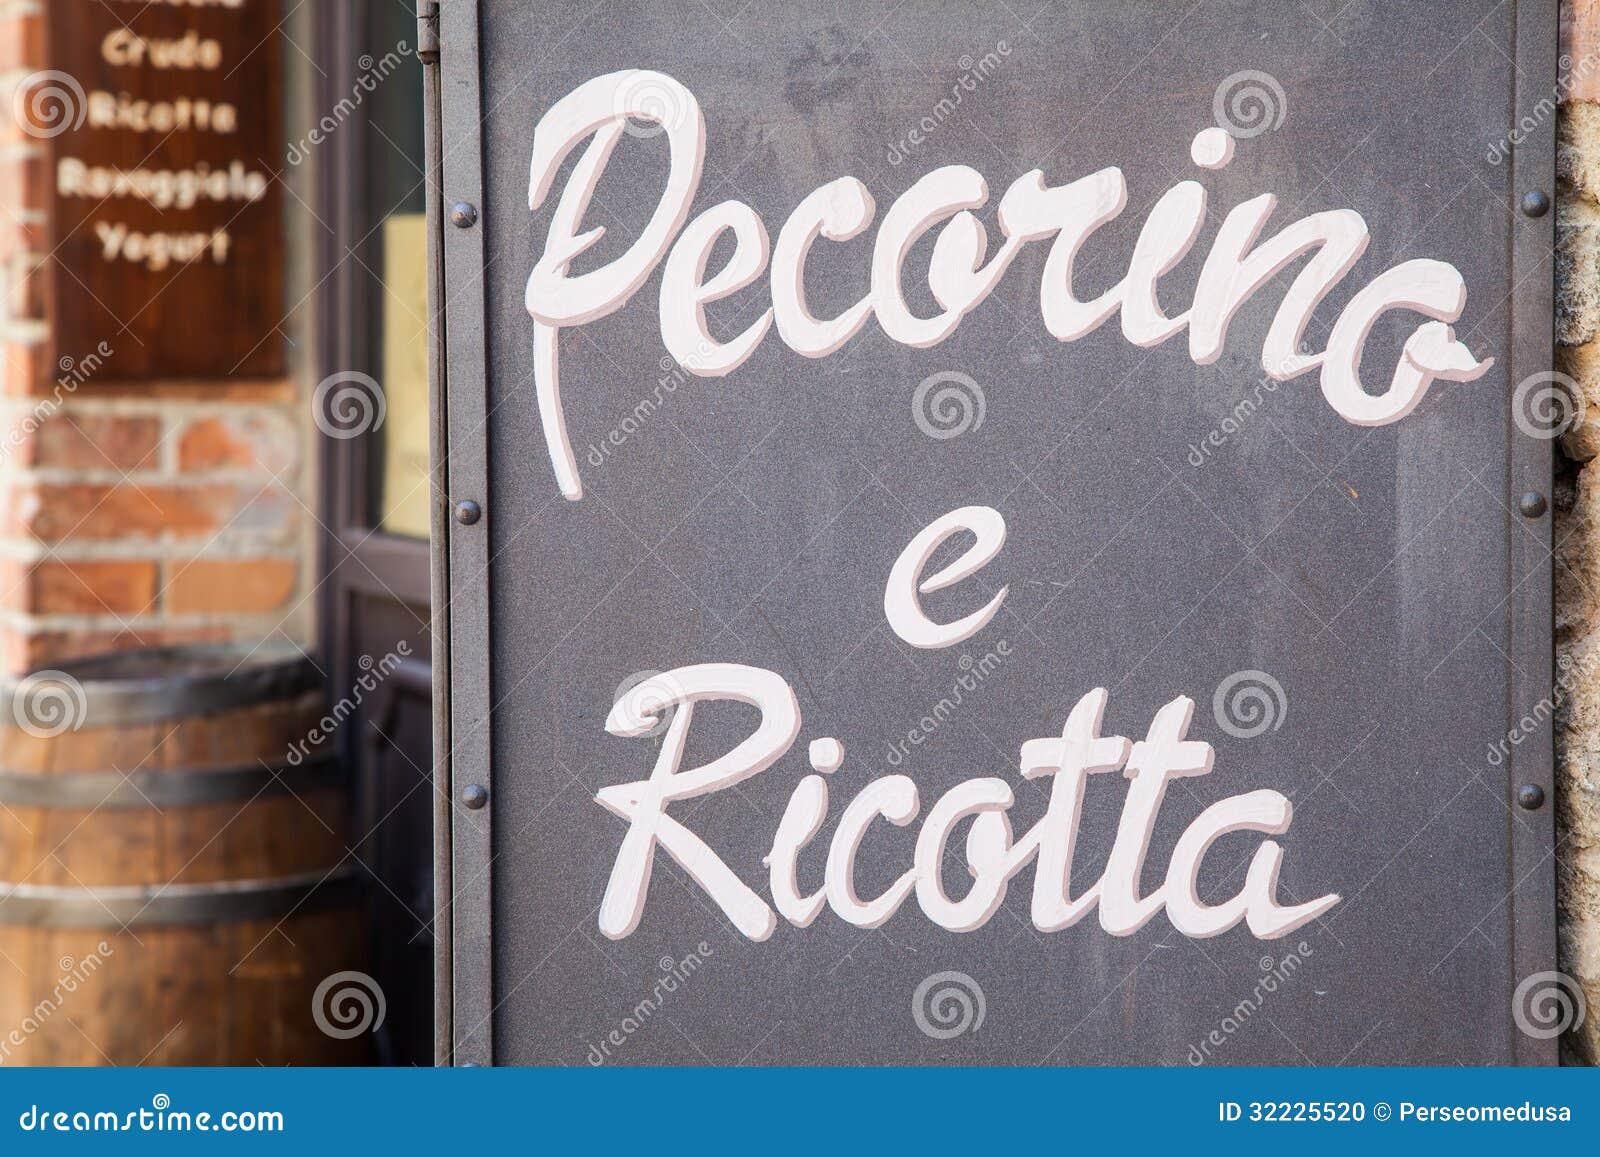 Download Italiano Cacioteca foto de stock. Imagem de tipos, italiano - 32225520